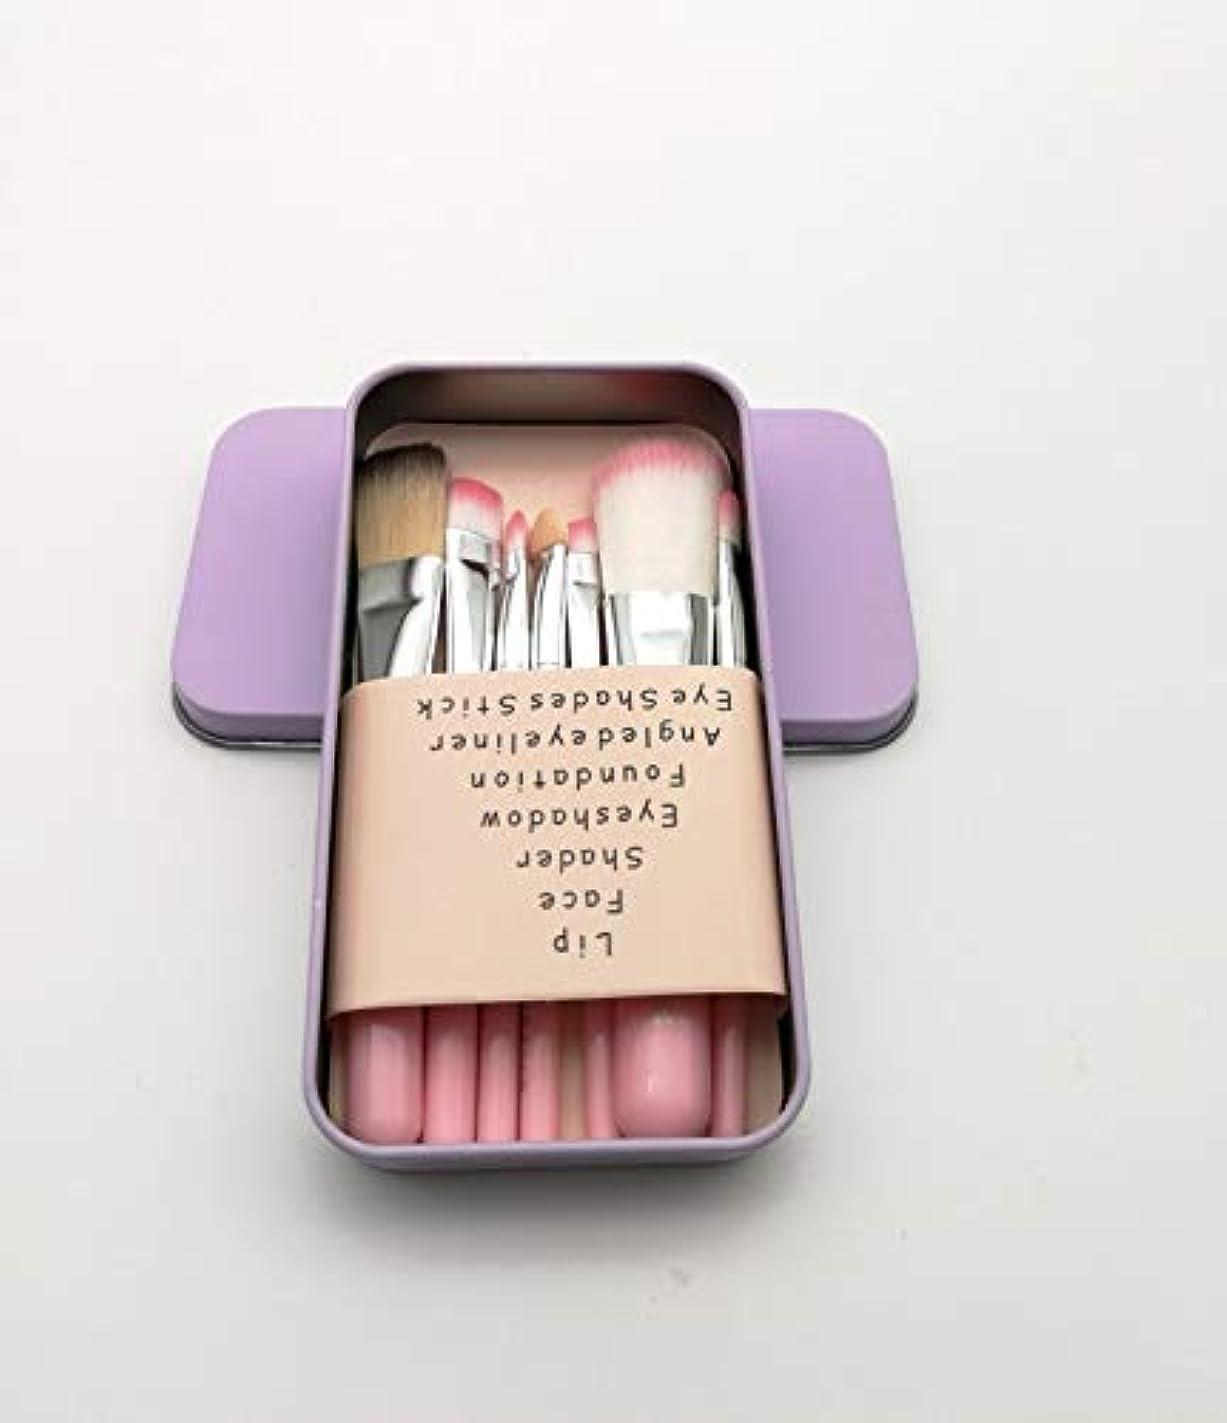 涙が出るコンピューターを使用するピア化粧ブラシセット、ピンク7化粧ブラシ化粧ブラシセットアイシャドウブラシリップブラシ美容化粧道具